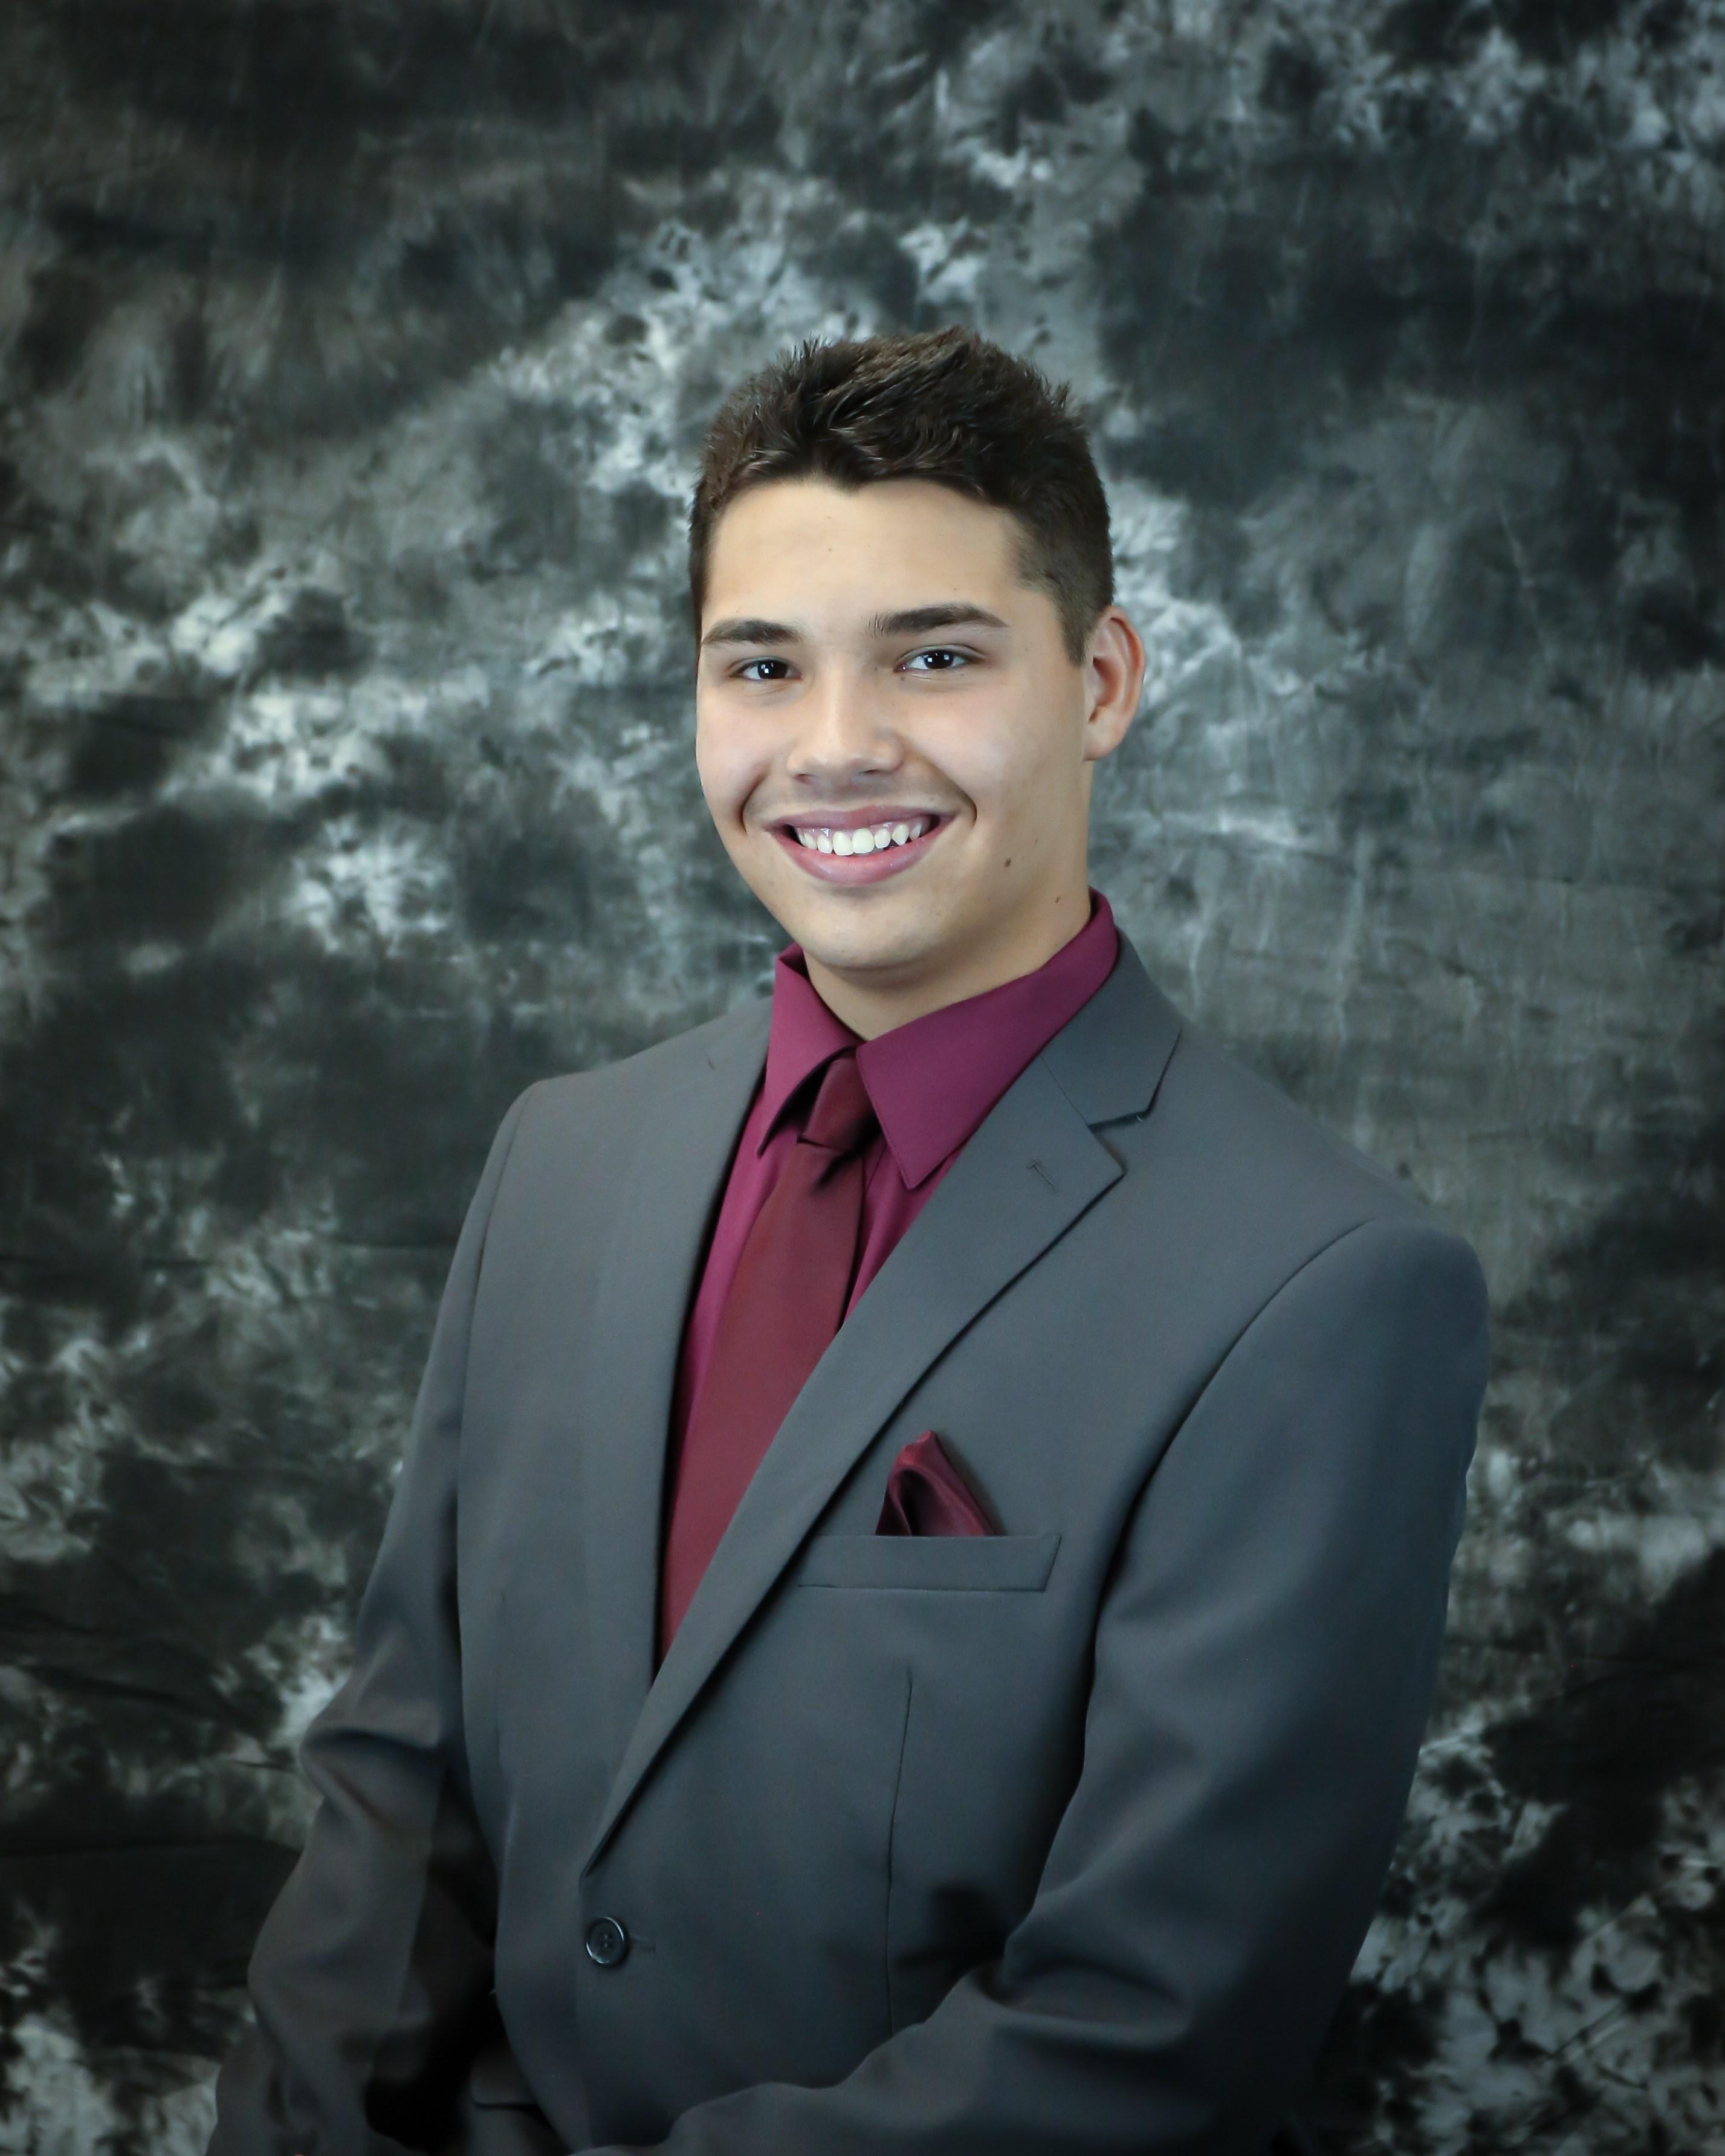 Matthew Onufrynk, Student Board Member